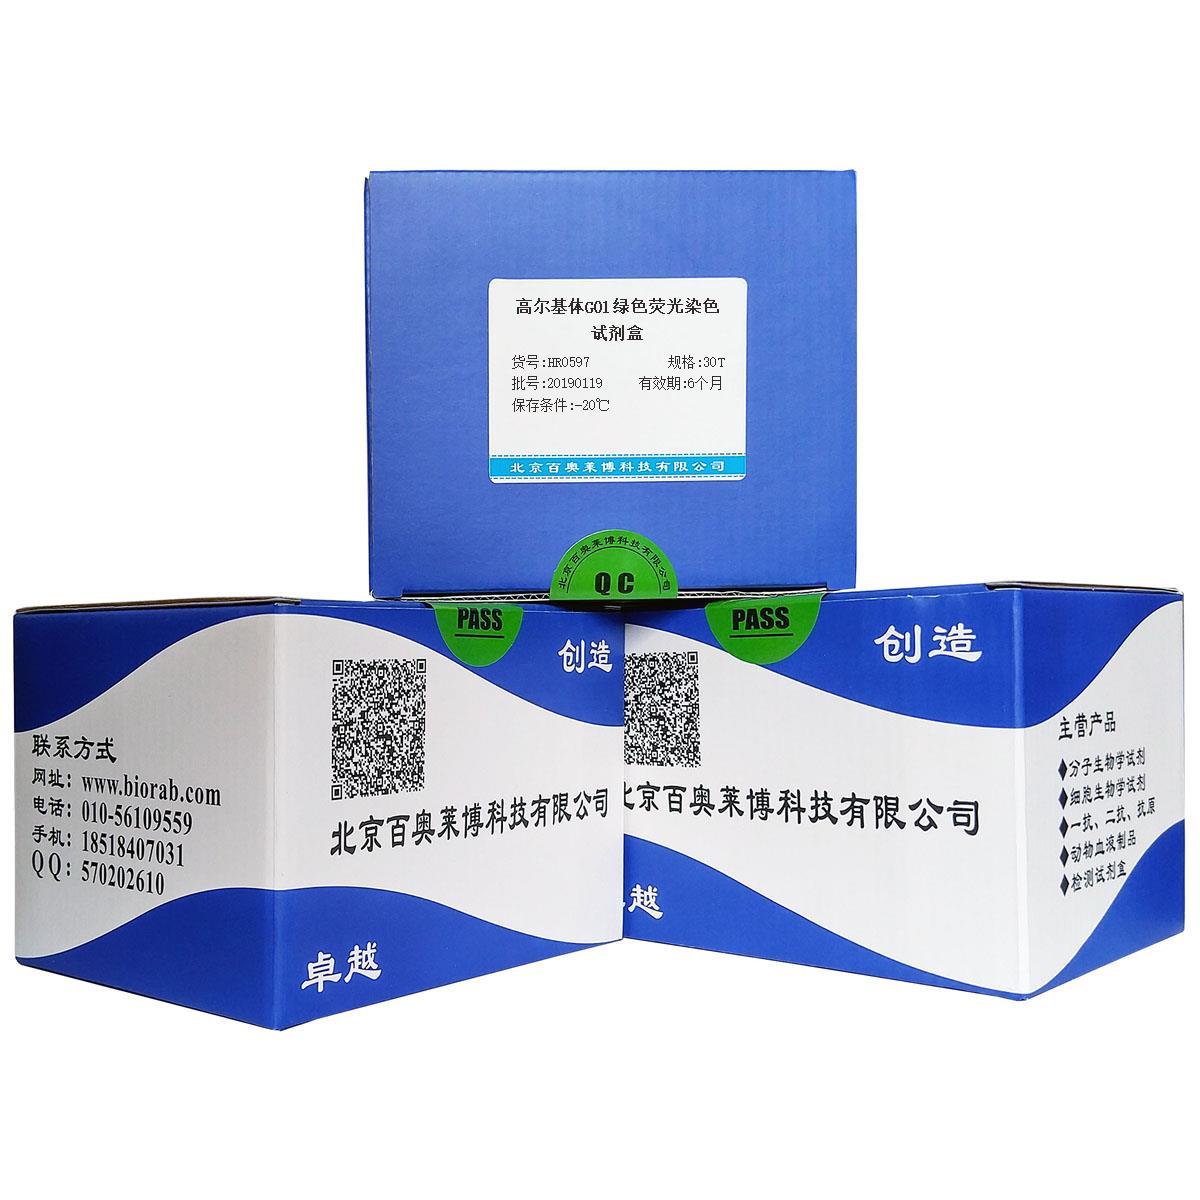 高尔基体G01绿色荧光染色试剂盒